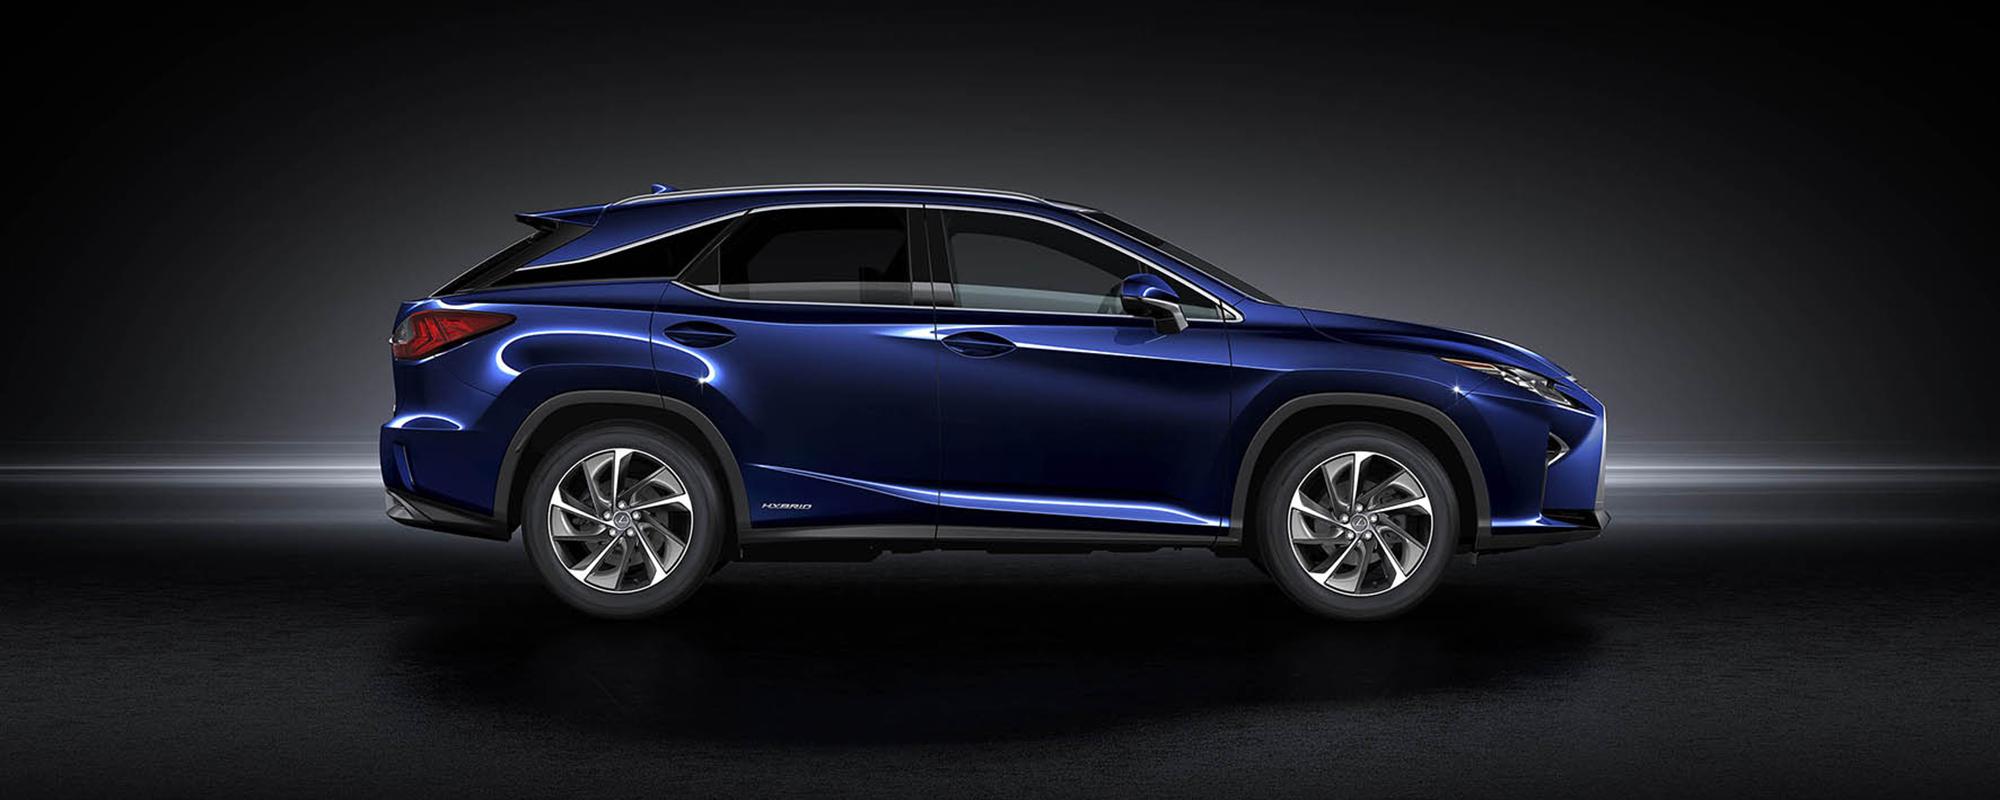 Nieuwe Lexus RX 450[h] zet luxe SUV segment op scherp